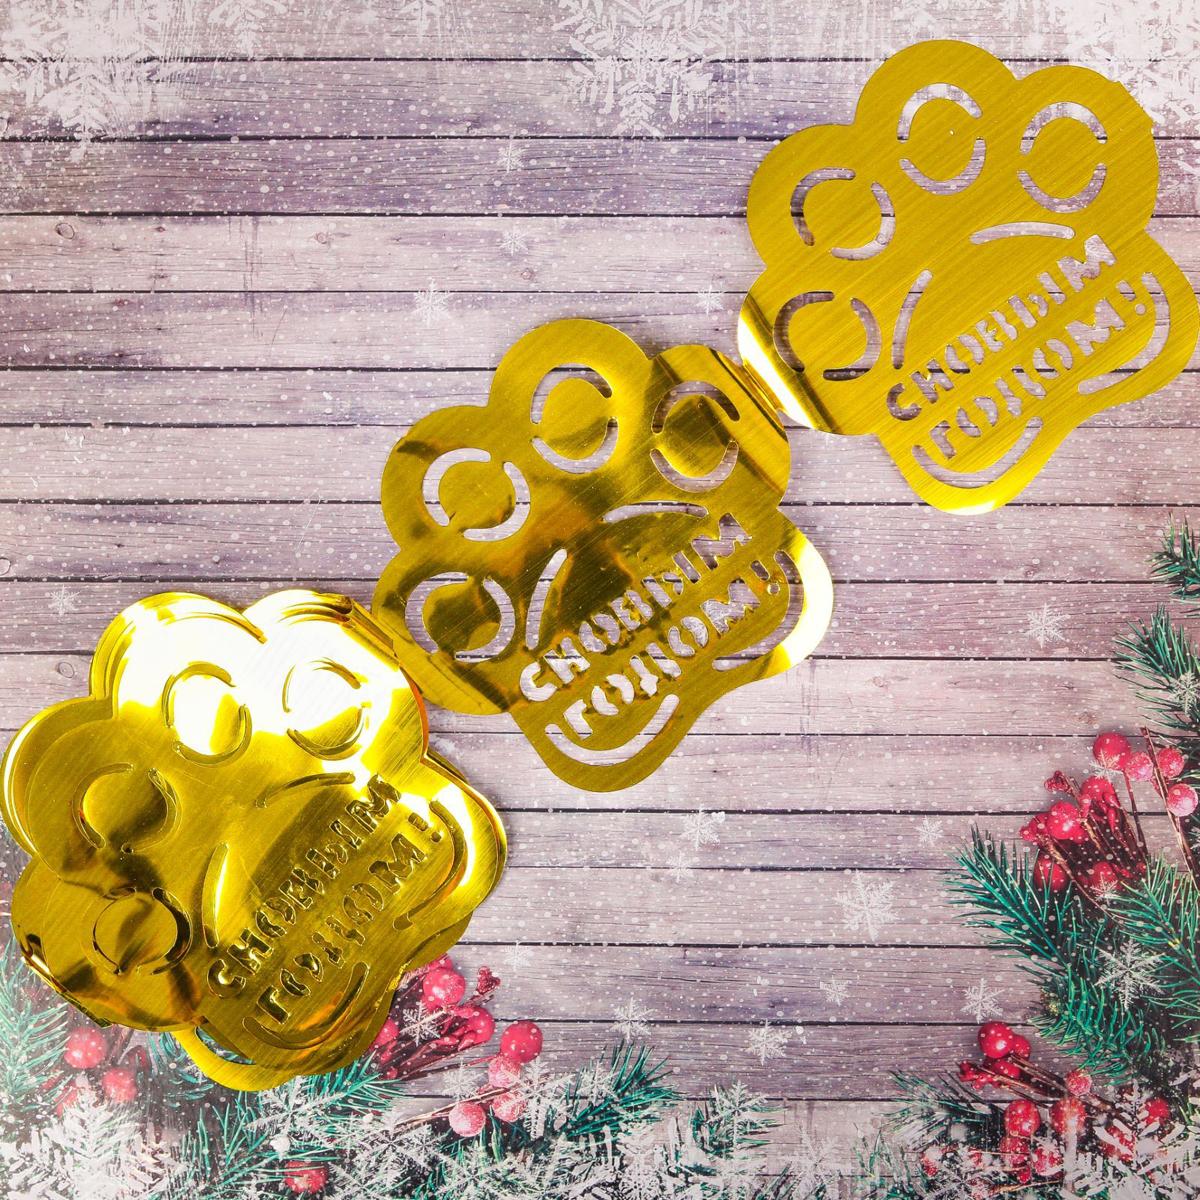 Растяжка декоративная С Новым годом, цвет: золотой, длина 2 м2317651Как приятно преображать жилище в преддверии долгожданного торжества! Атмосферу настоящего праздника в вашем доме создаст декоративная растяжка. Декором можно не только оформить елку, но и украсить шкаф или стену.